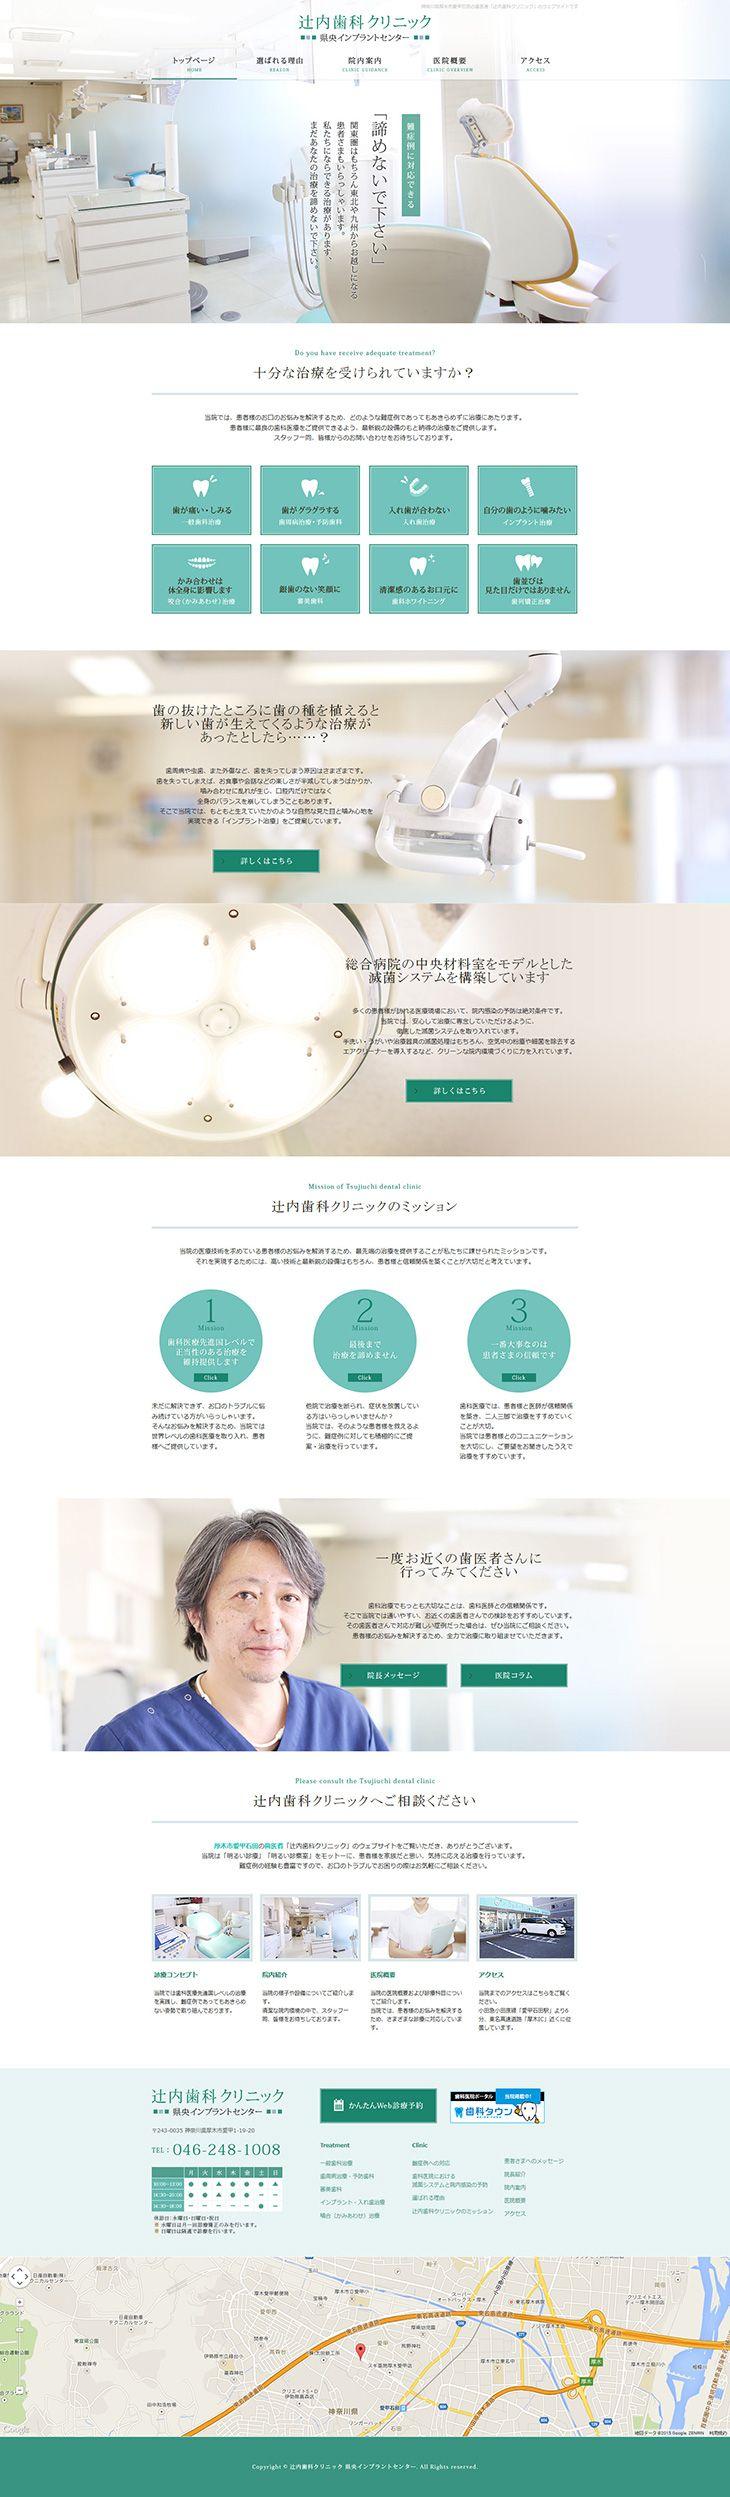 辻内歯科クリニック【サービス関連】のLPデザイン。WEBデザイナーさん必見!ランディングページのデザイン参考に(シンプル系)